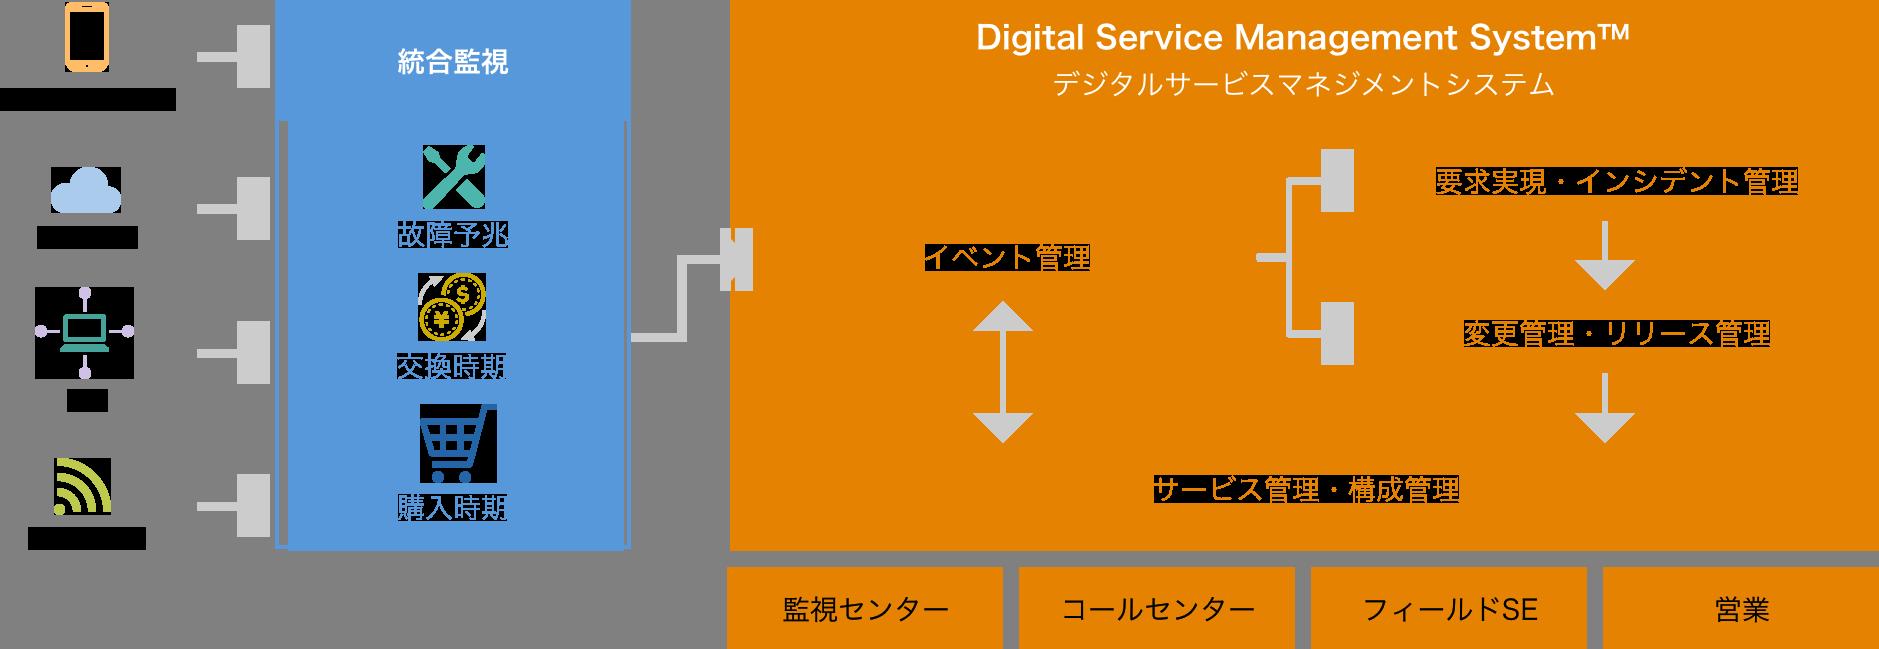 予防保守/IoT監視(DSMS)